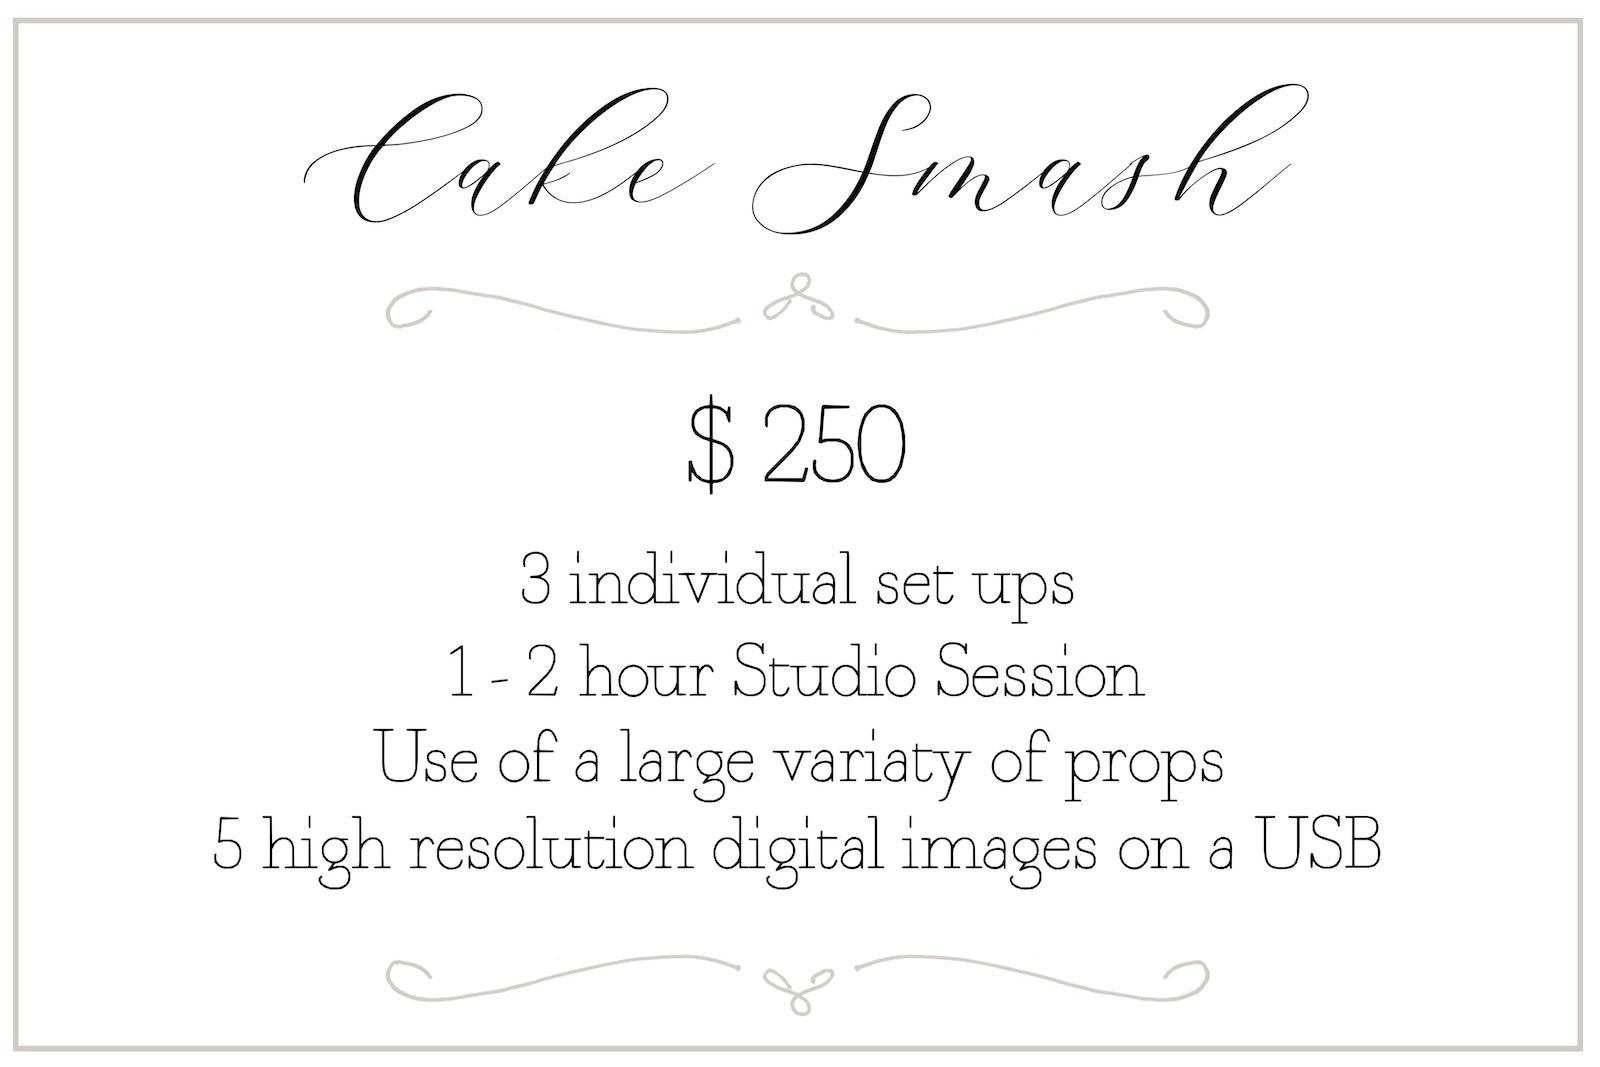 Cake Smash Session - Cake Smash Photography